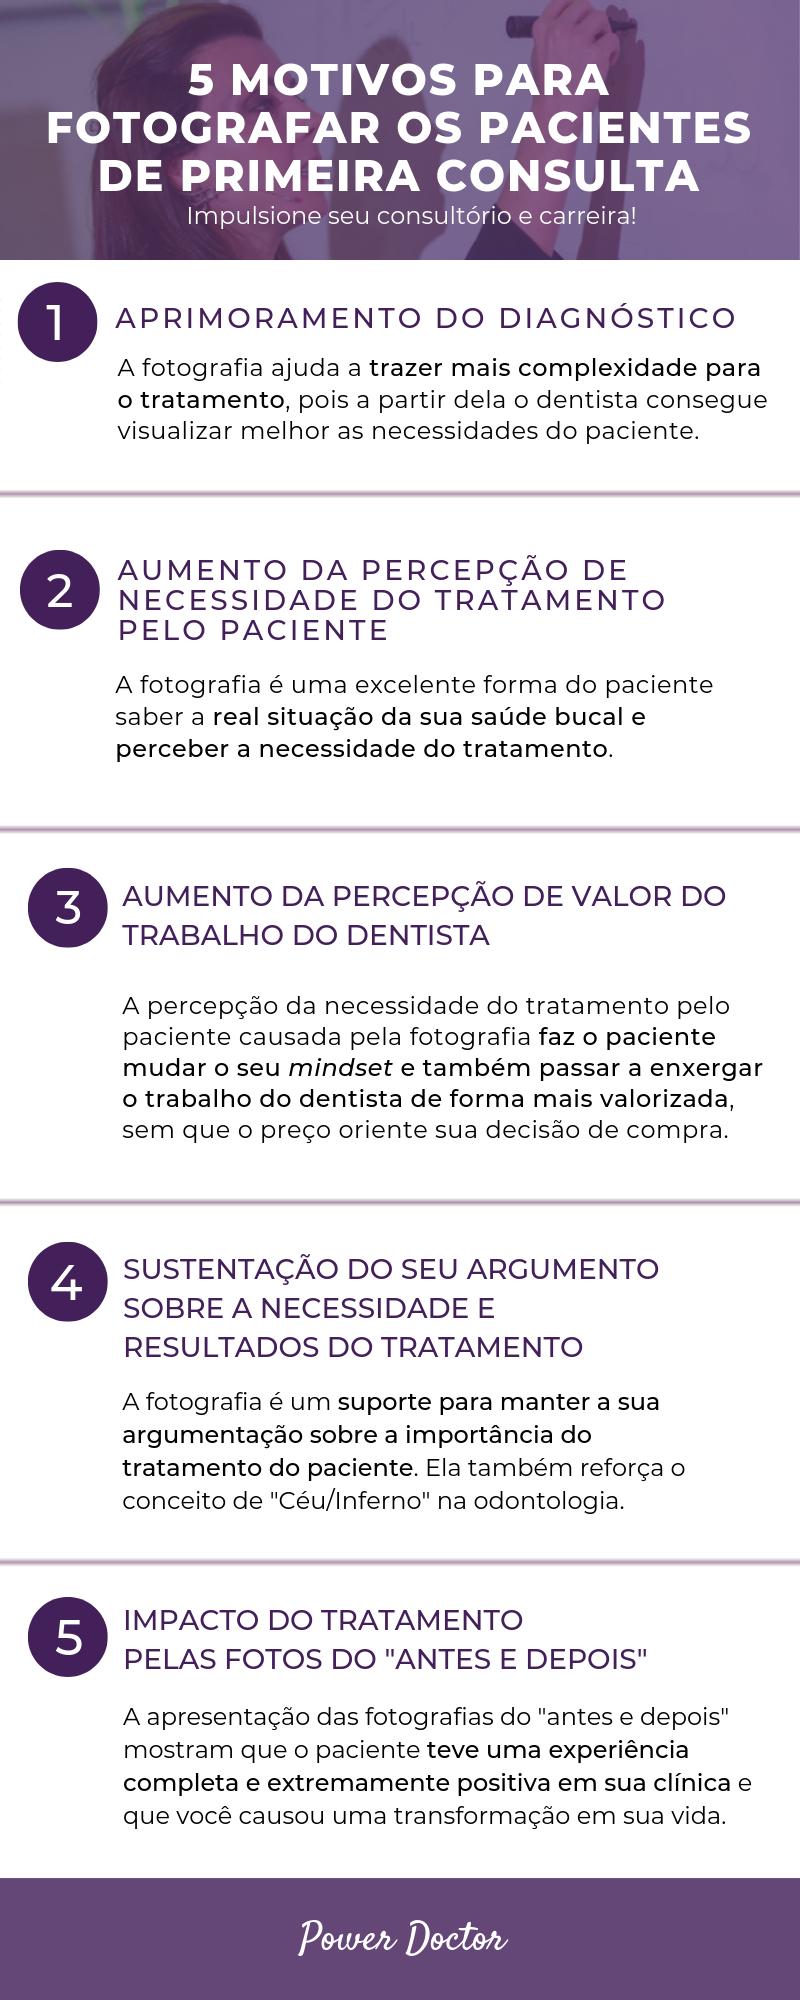 5-motivos-para-fotografar-os-pacientes-infografico